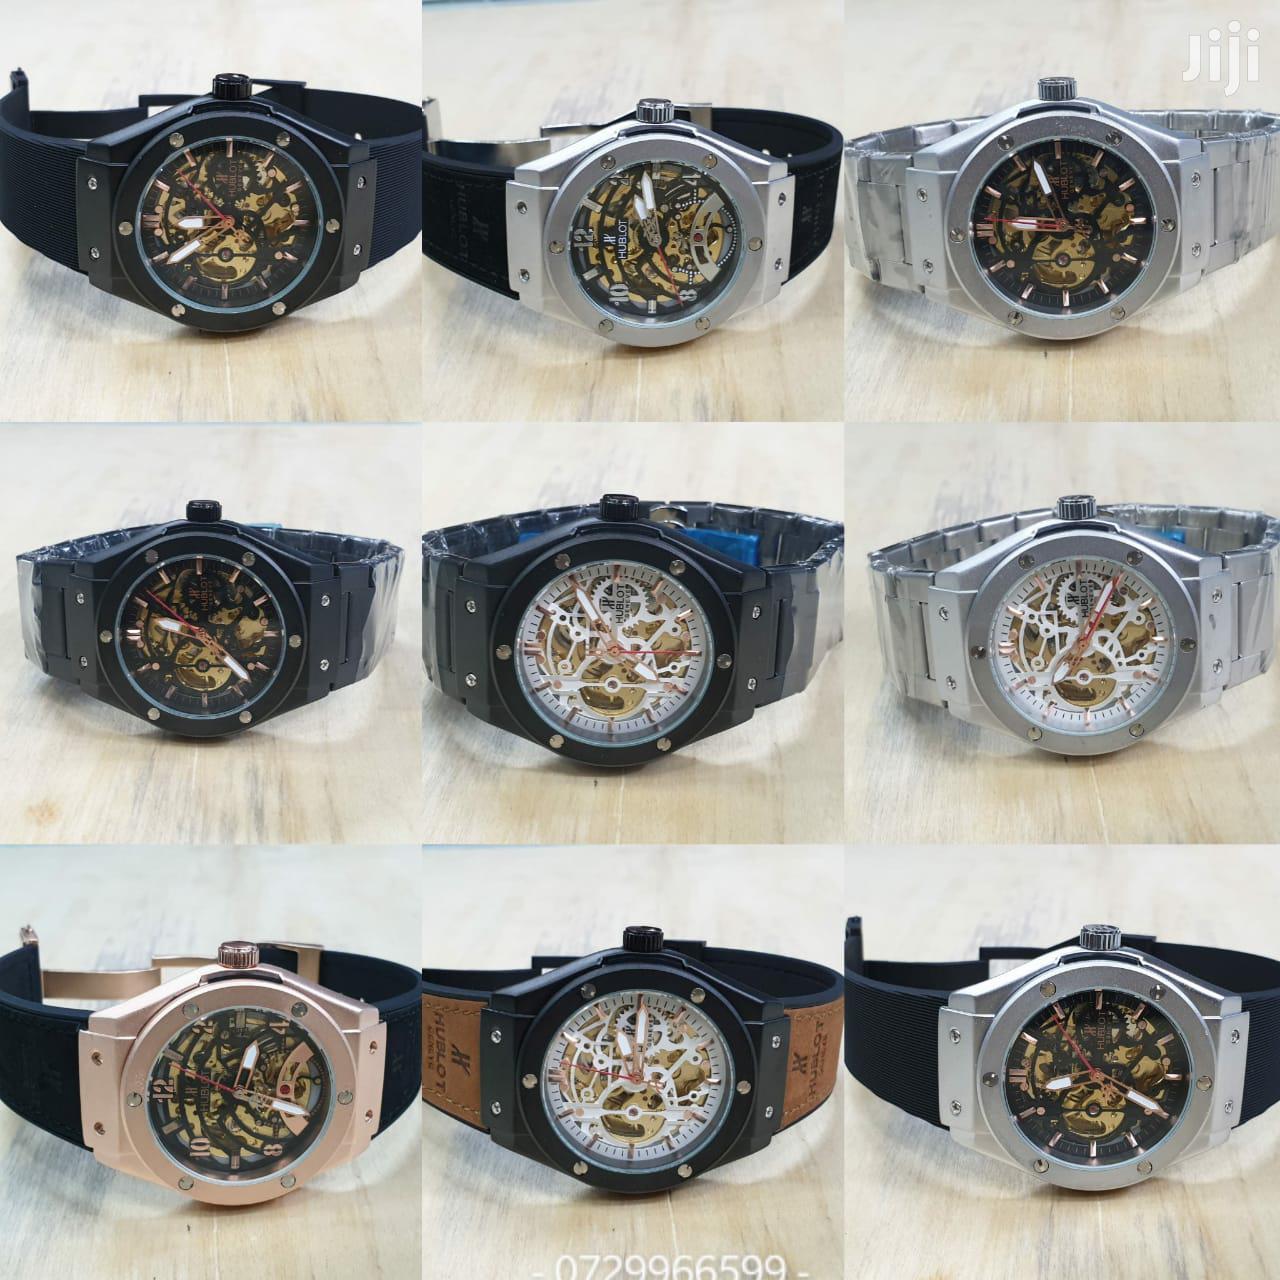 Hublot Designer Watches